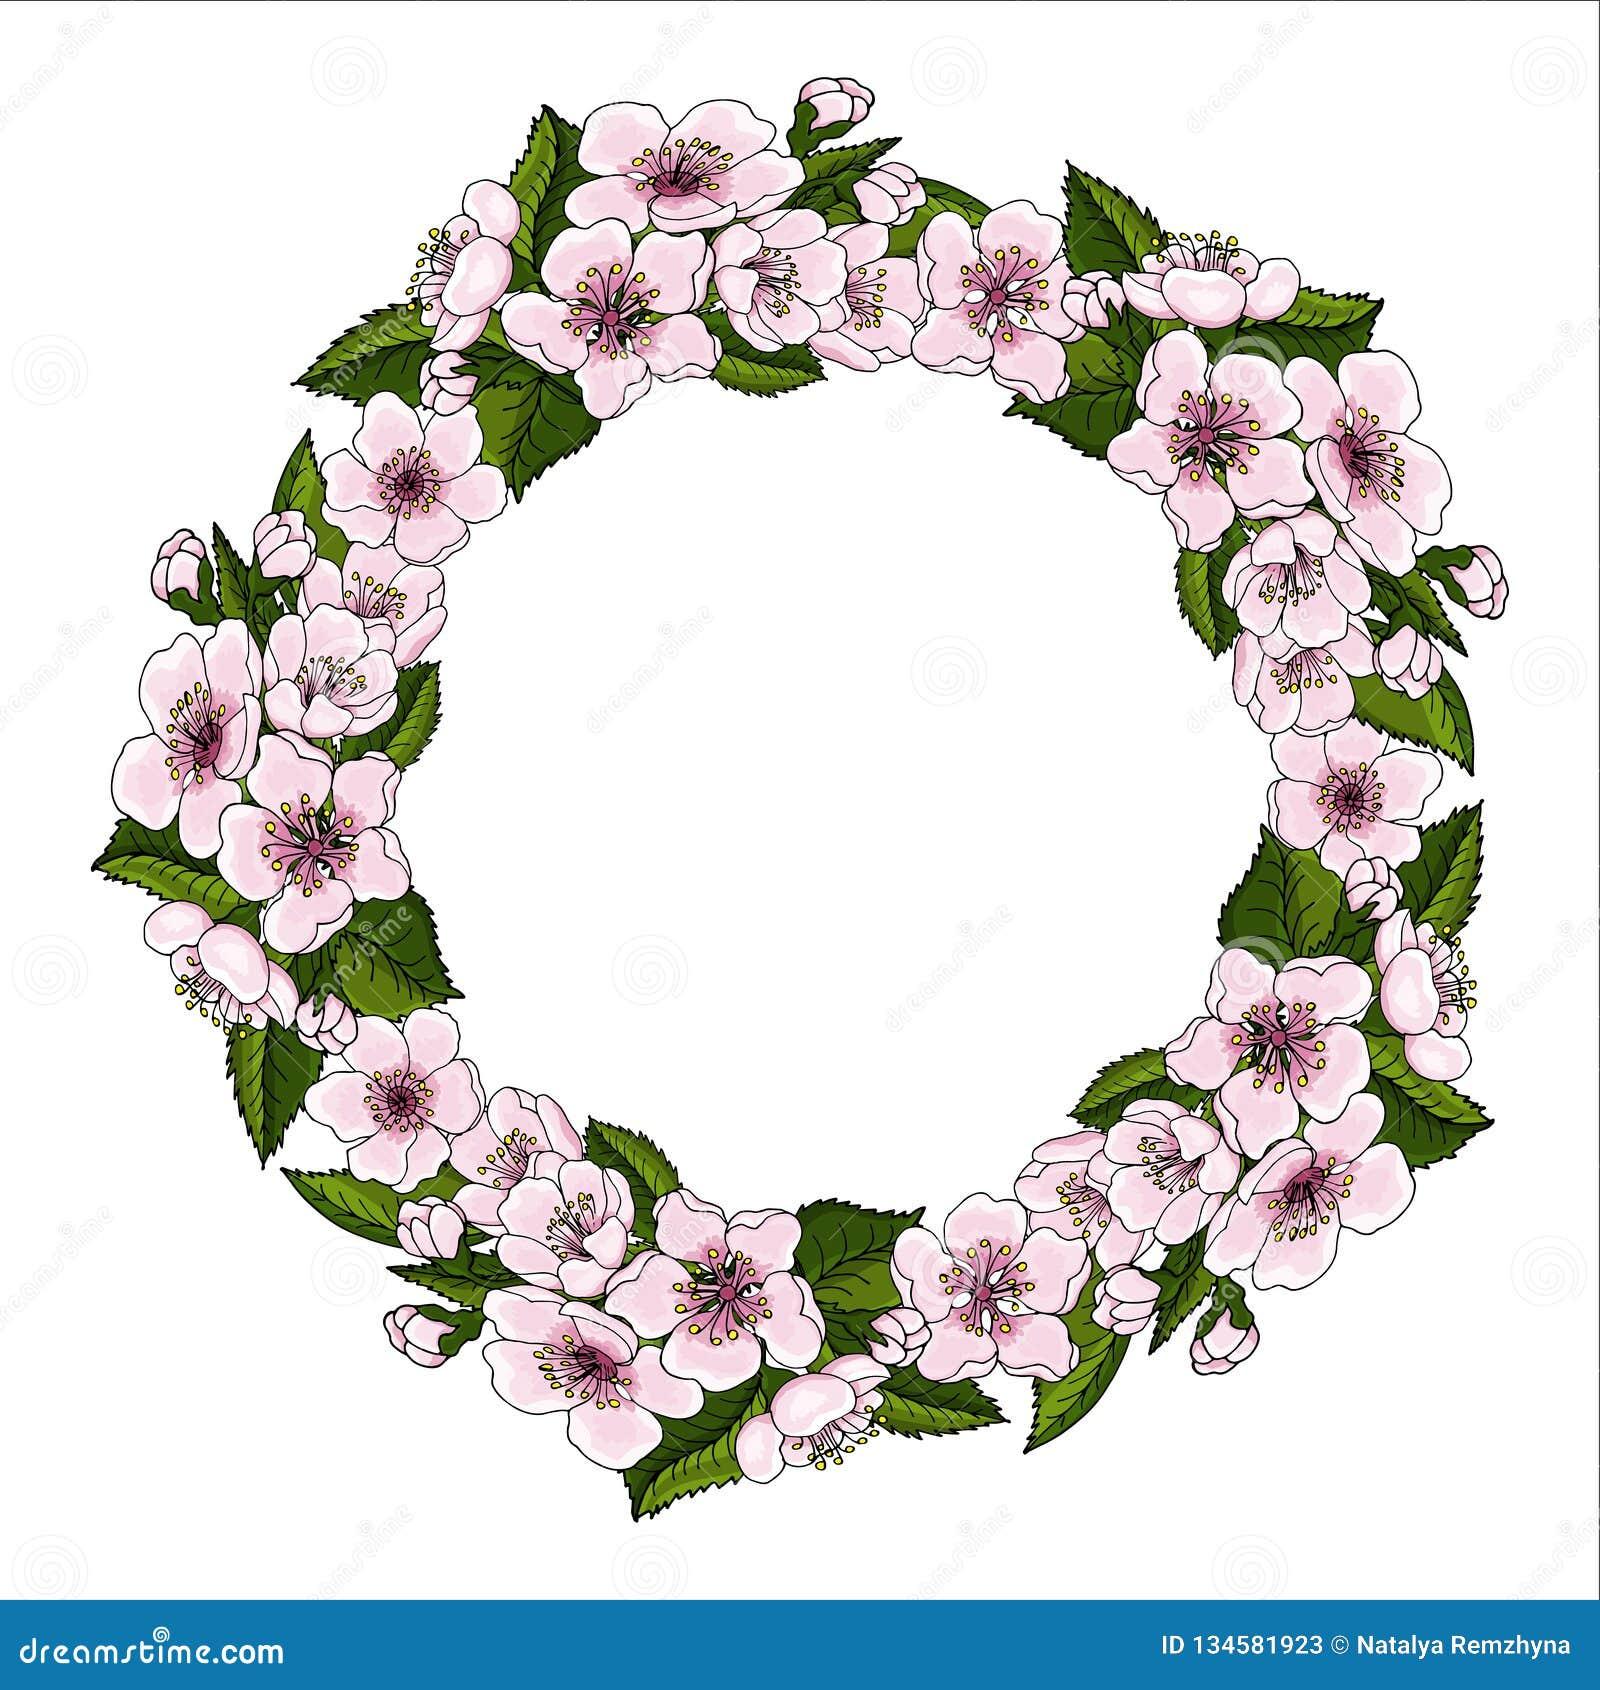 Сочный венок розовых цветков вишни и ярко листьев вишни зеленого цвета на белой предпосылке